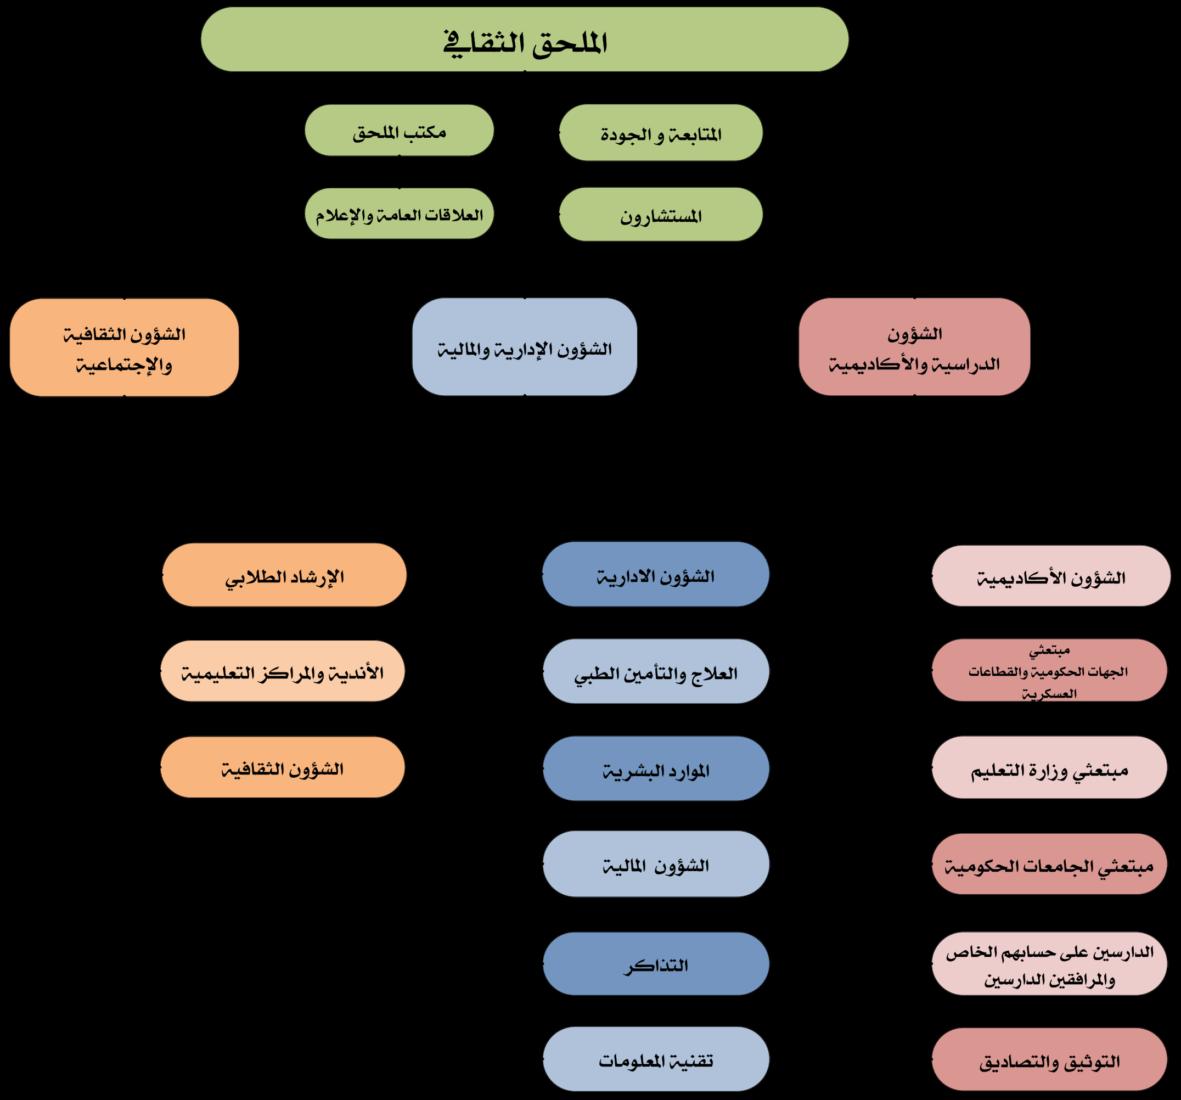 الهيكل الإداري الجديد في الملحقية الثقافية